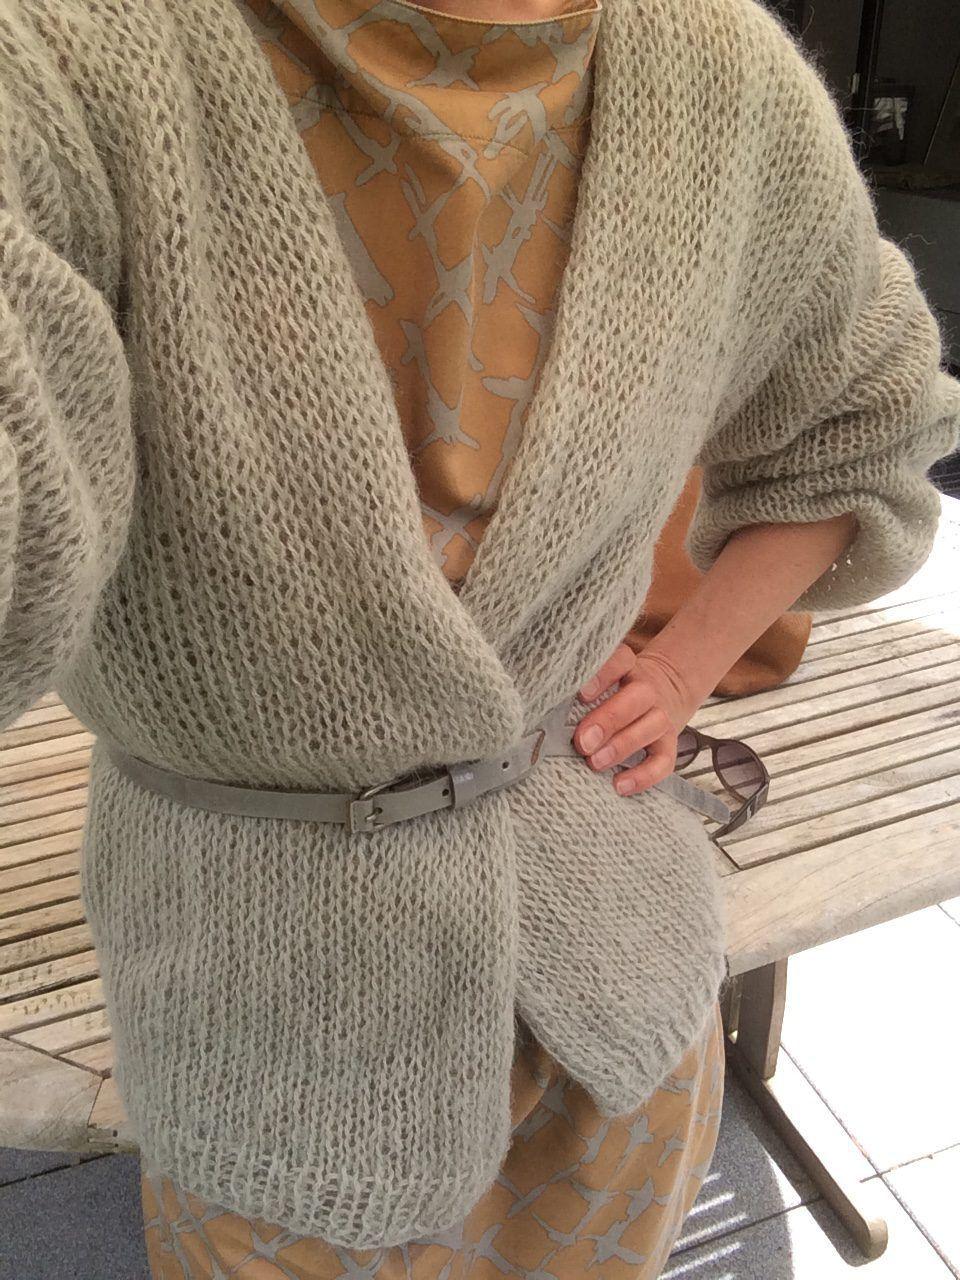 620ef0ac6b Strickjacke mit Shirtkleid draußen 2 Anleitung für eine lange Strickjacke  im Stil vom Bernadette Cardigan.